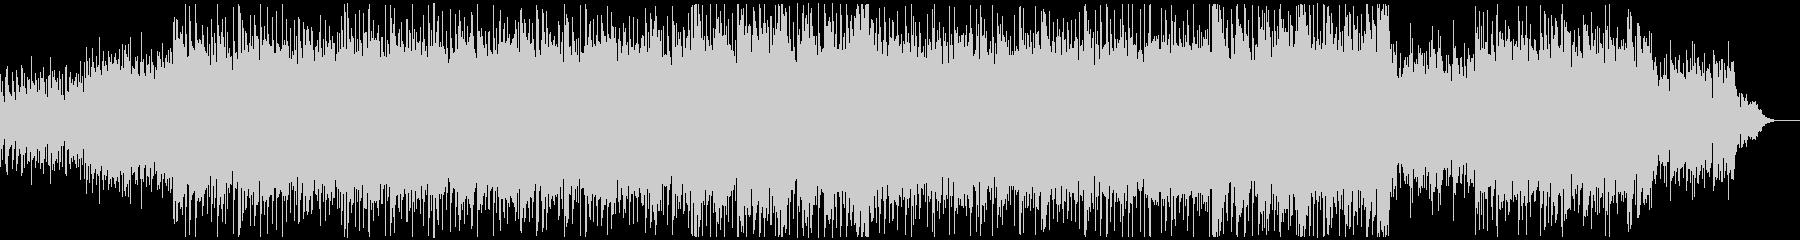 エスニカルな紀行ものBGMの未再生の波形